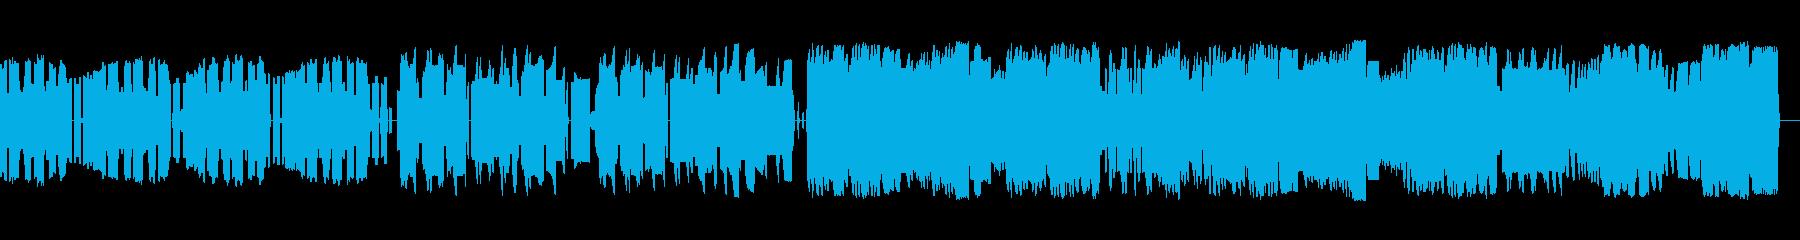 ファミコン音源によるバラード曲の再生済みの波形